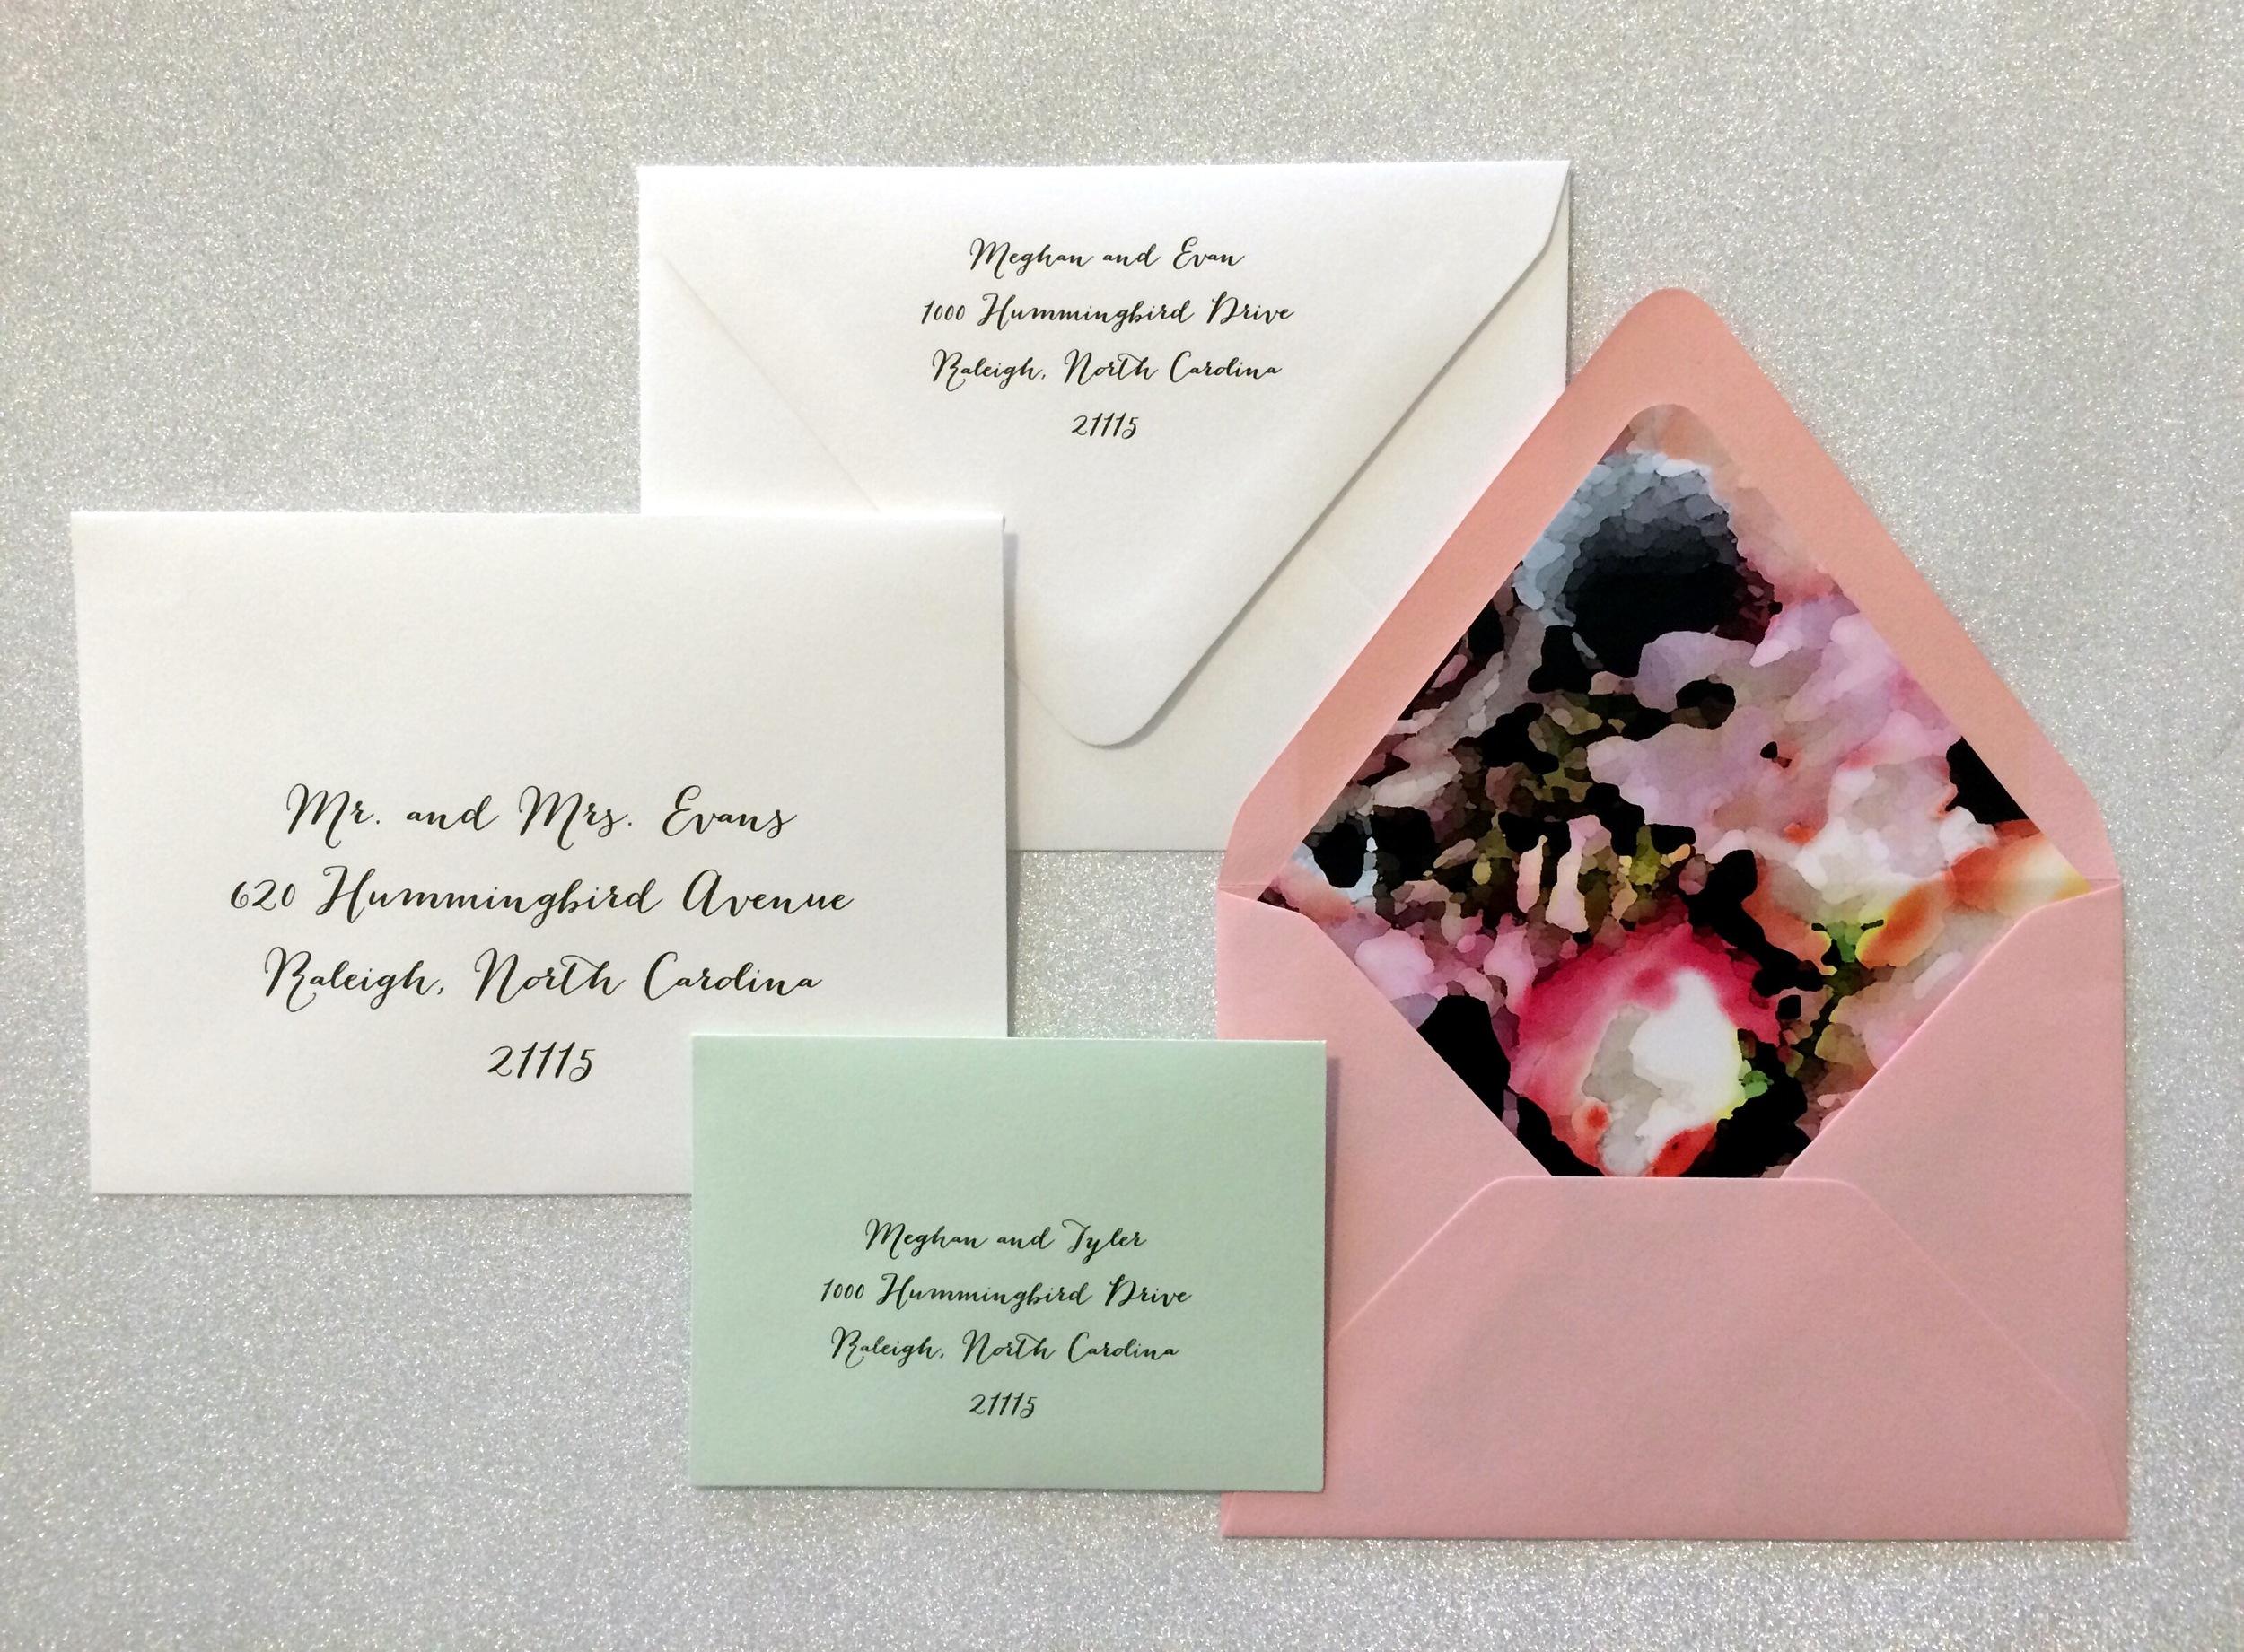 wedding invitations - envelope liner and envelope addressing